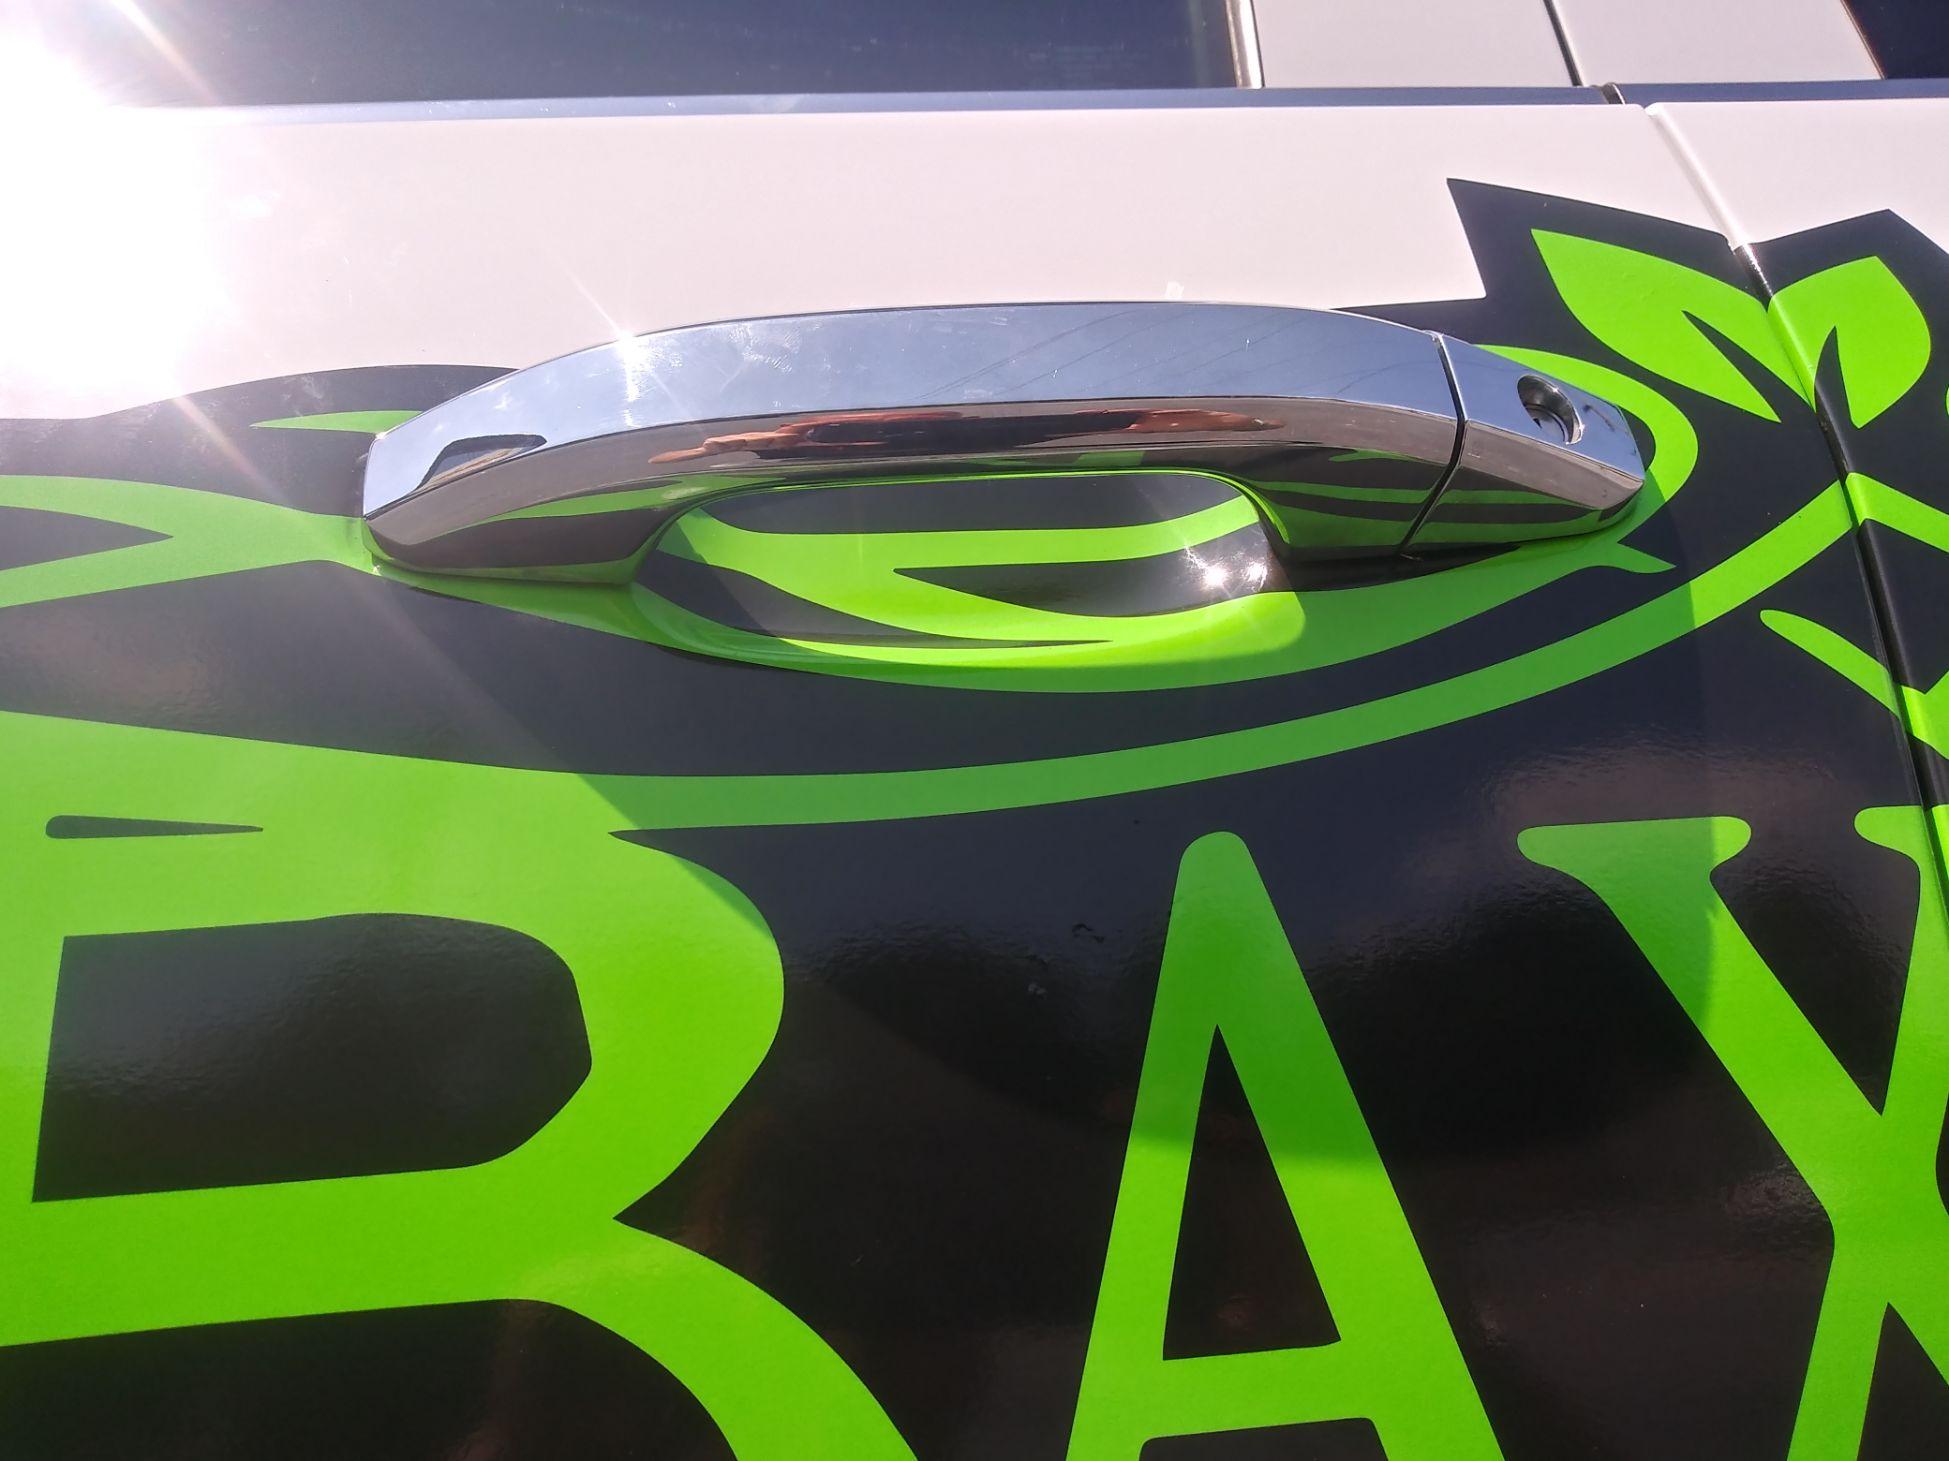 baxter truck wrap